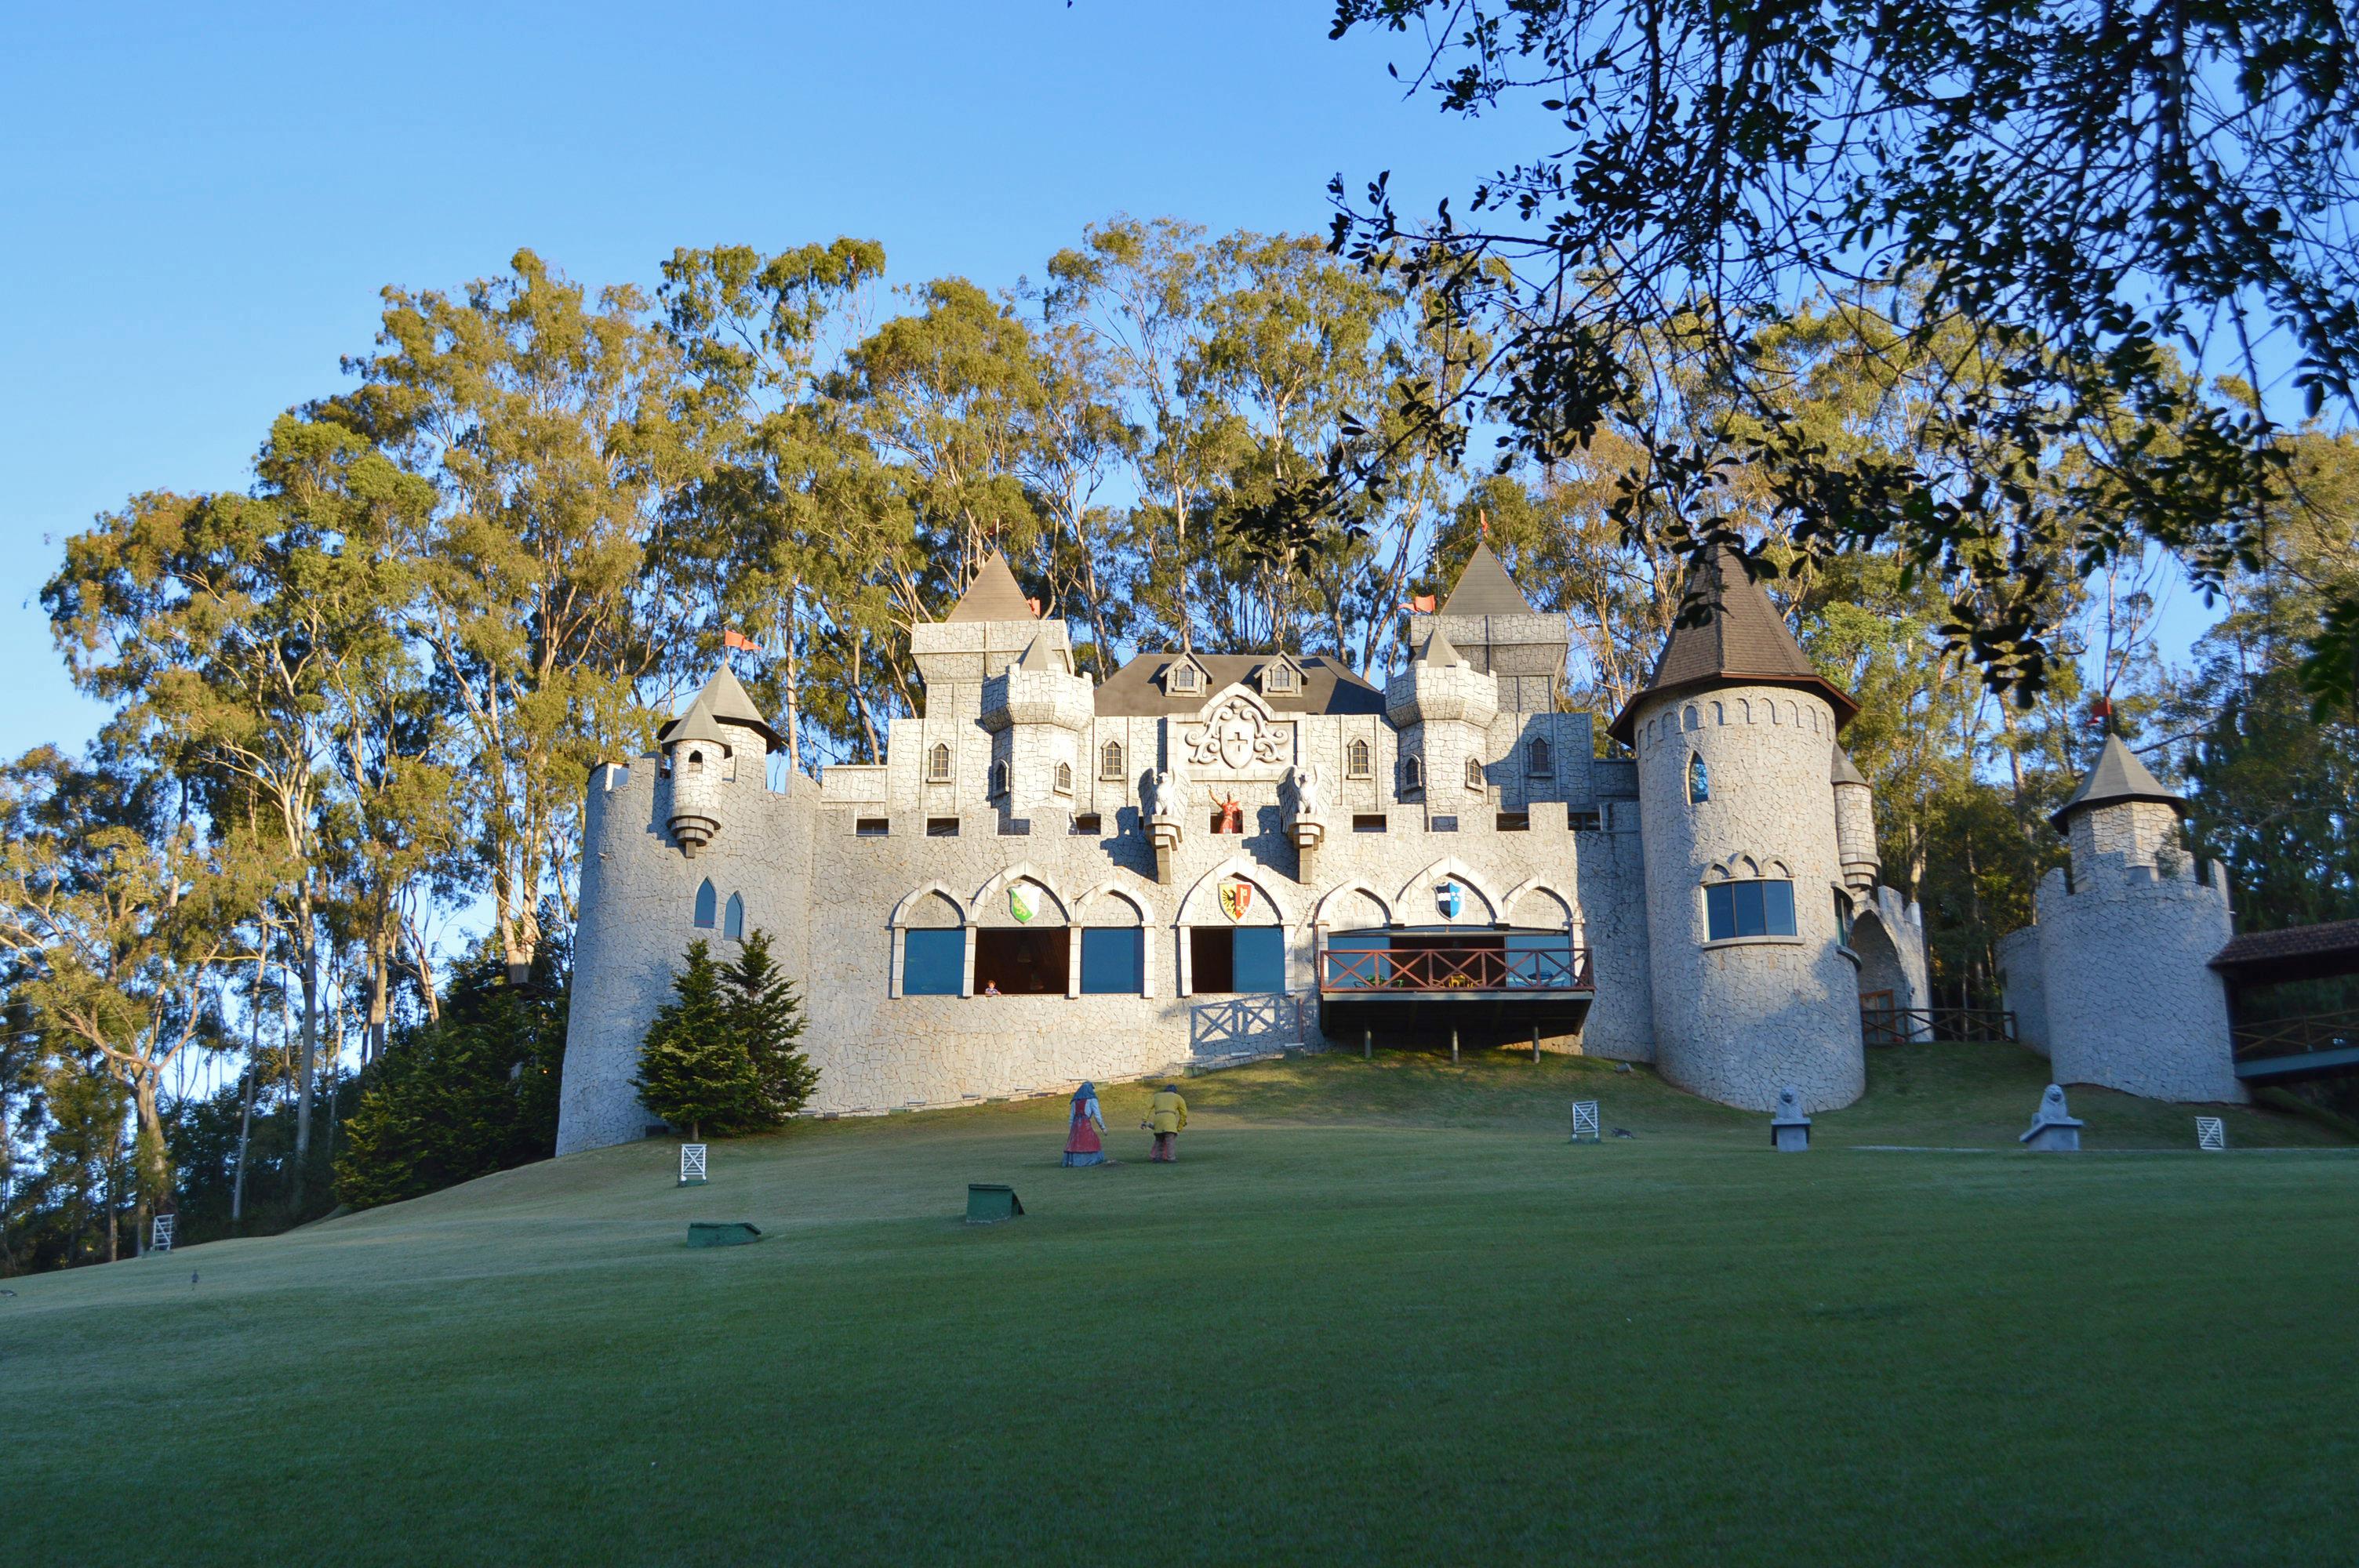 Aniversário 10 anos do Castelo Le Canton